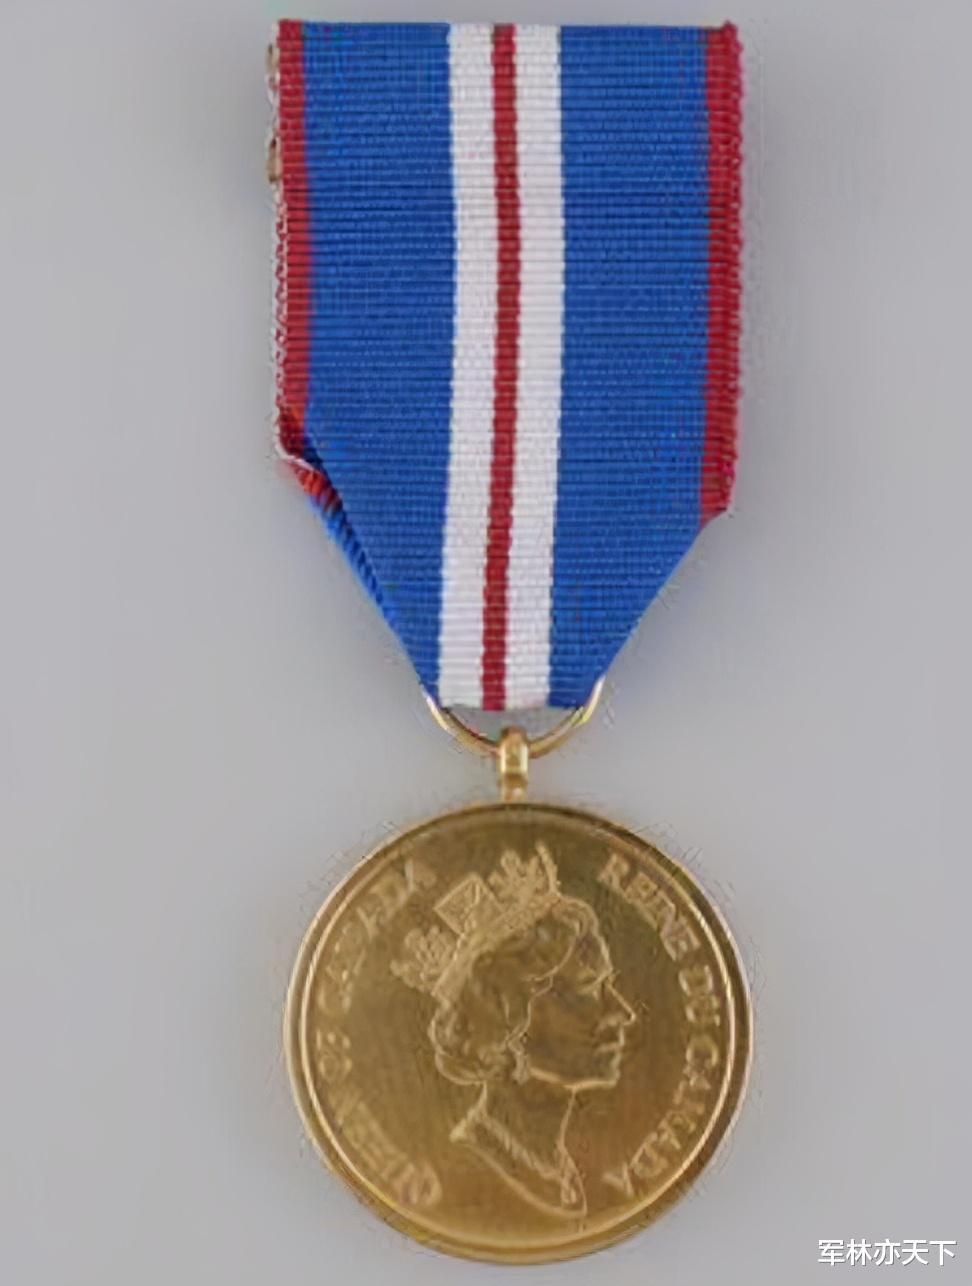 韋塞克斯伯爵夫人,英國女王的小兒媳,空軍準將,擔任7個軍職-圖6